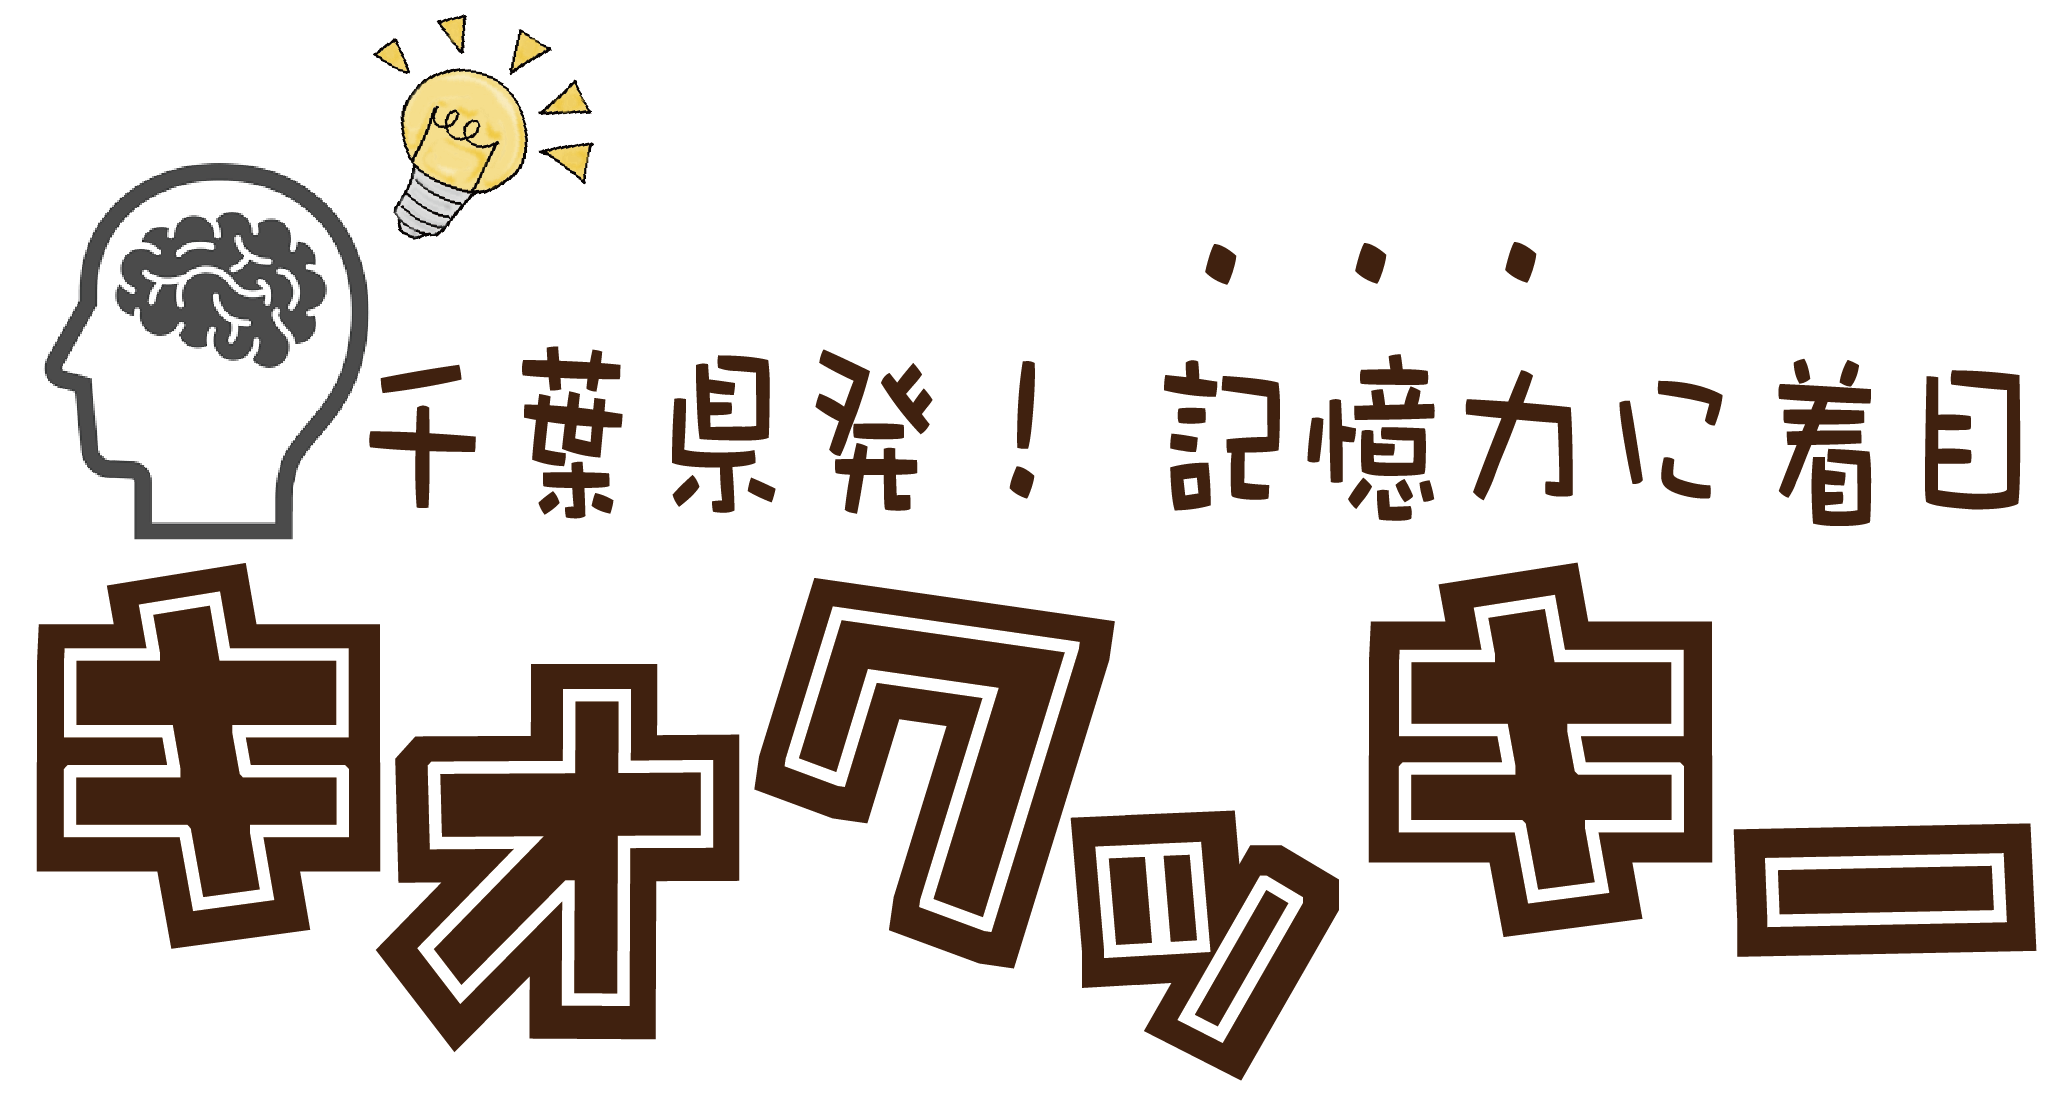 【キオクッキーオンラインショップ】